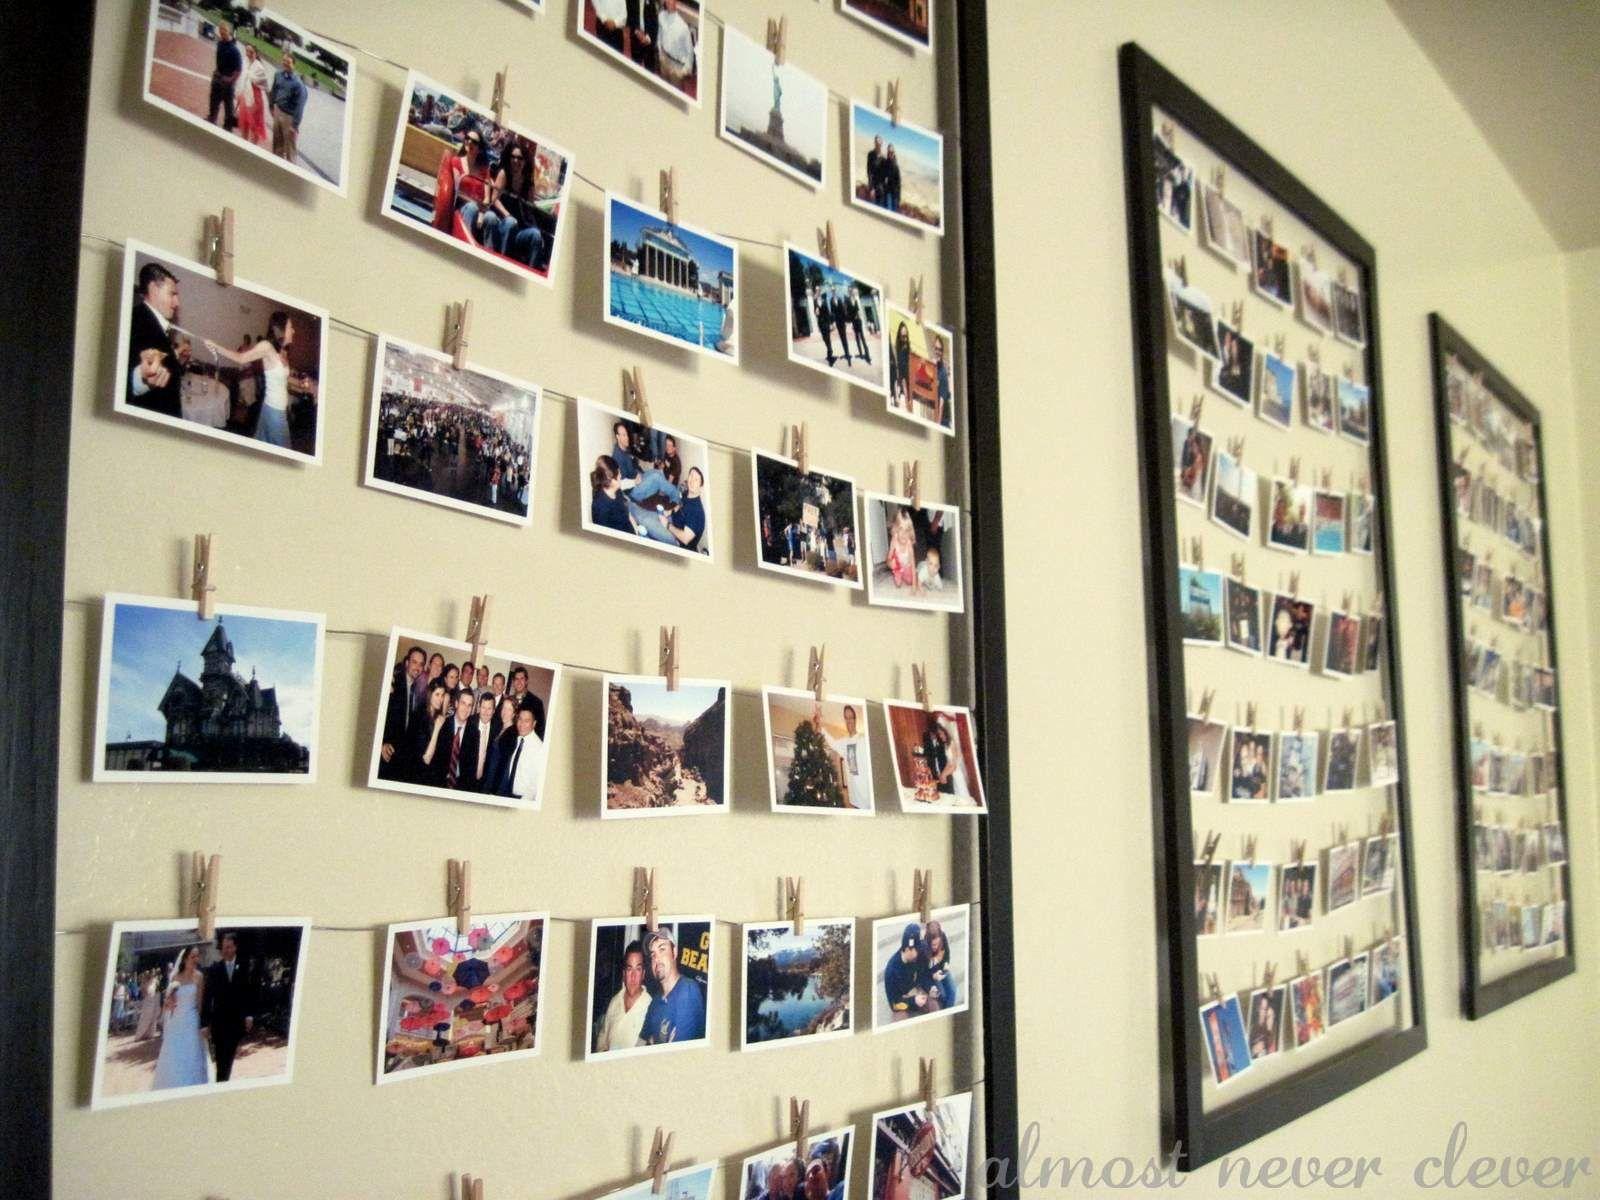 Как оформить фотографии в подарок в рамке Идея новогоднего подарка! / Гид покупателя